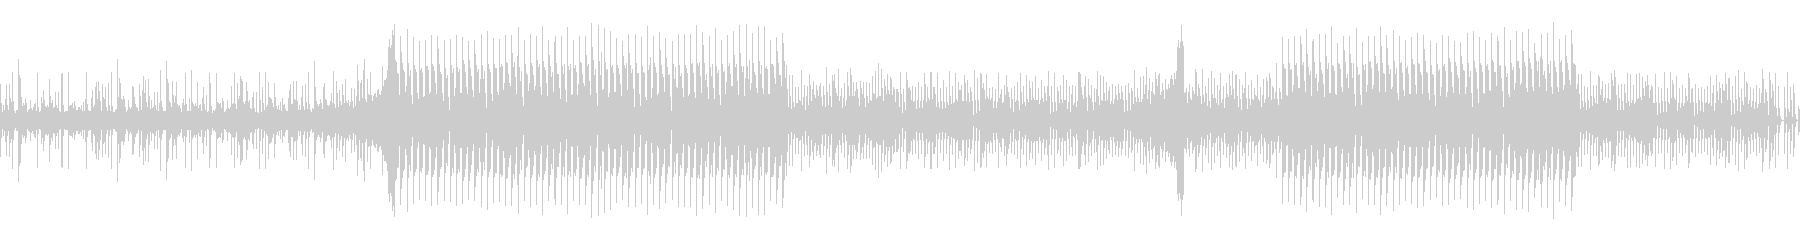 サスペンス調の疑念系BGMの未再生の波形